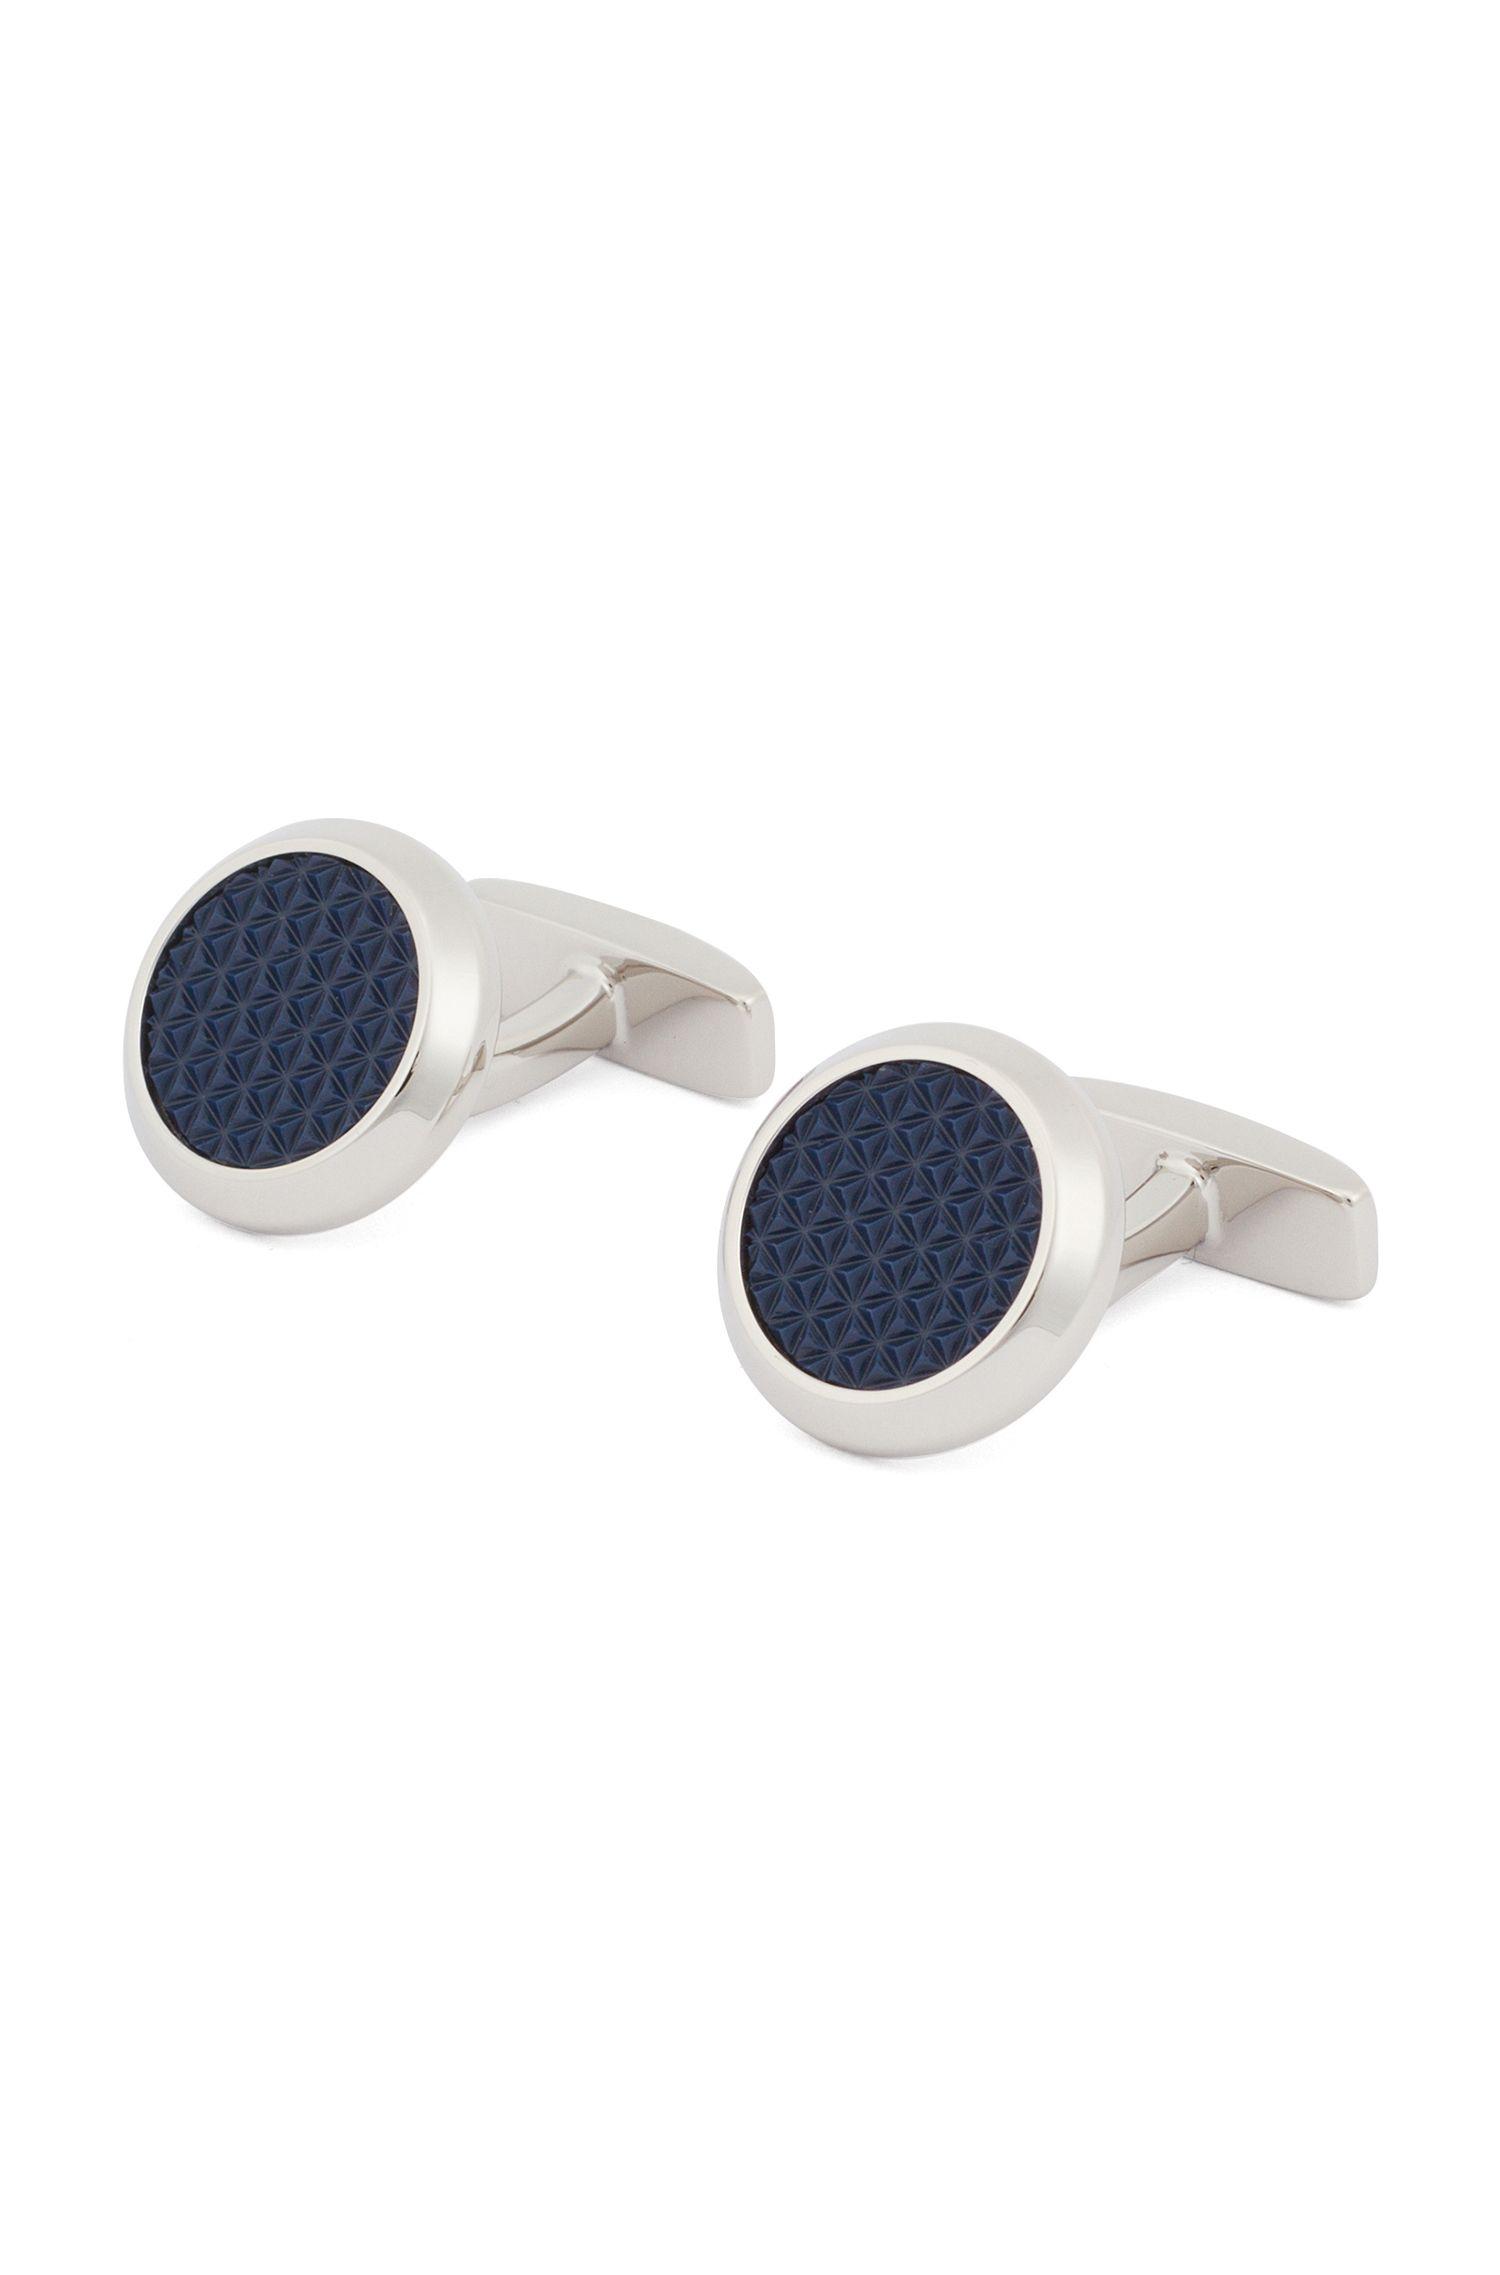 Runde Manschettenknöpfe aus handpoliertem Messing mit strukturiertem Emaille-Einsatz, Dunkelblau